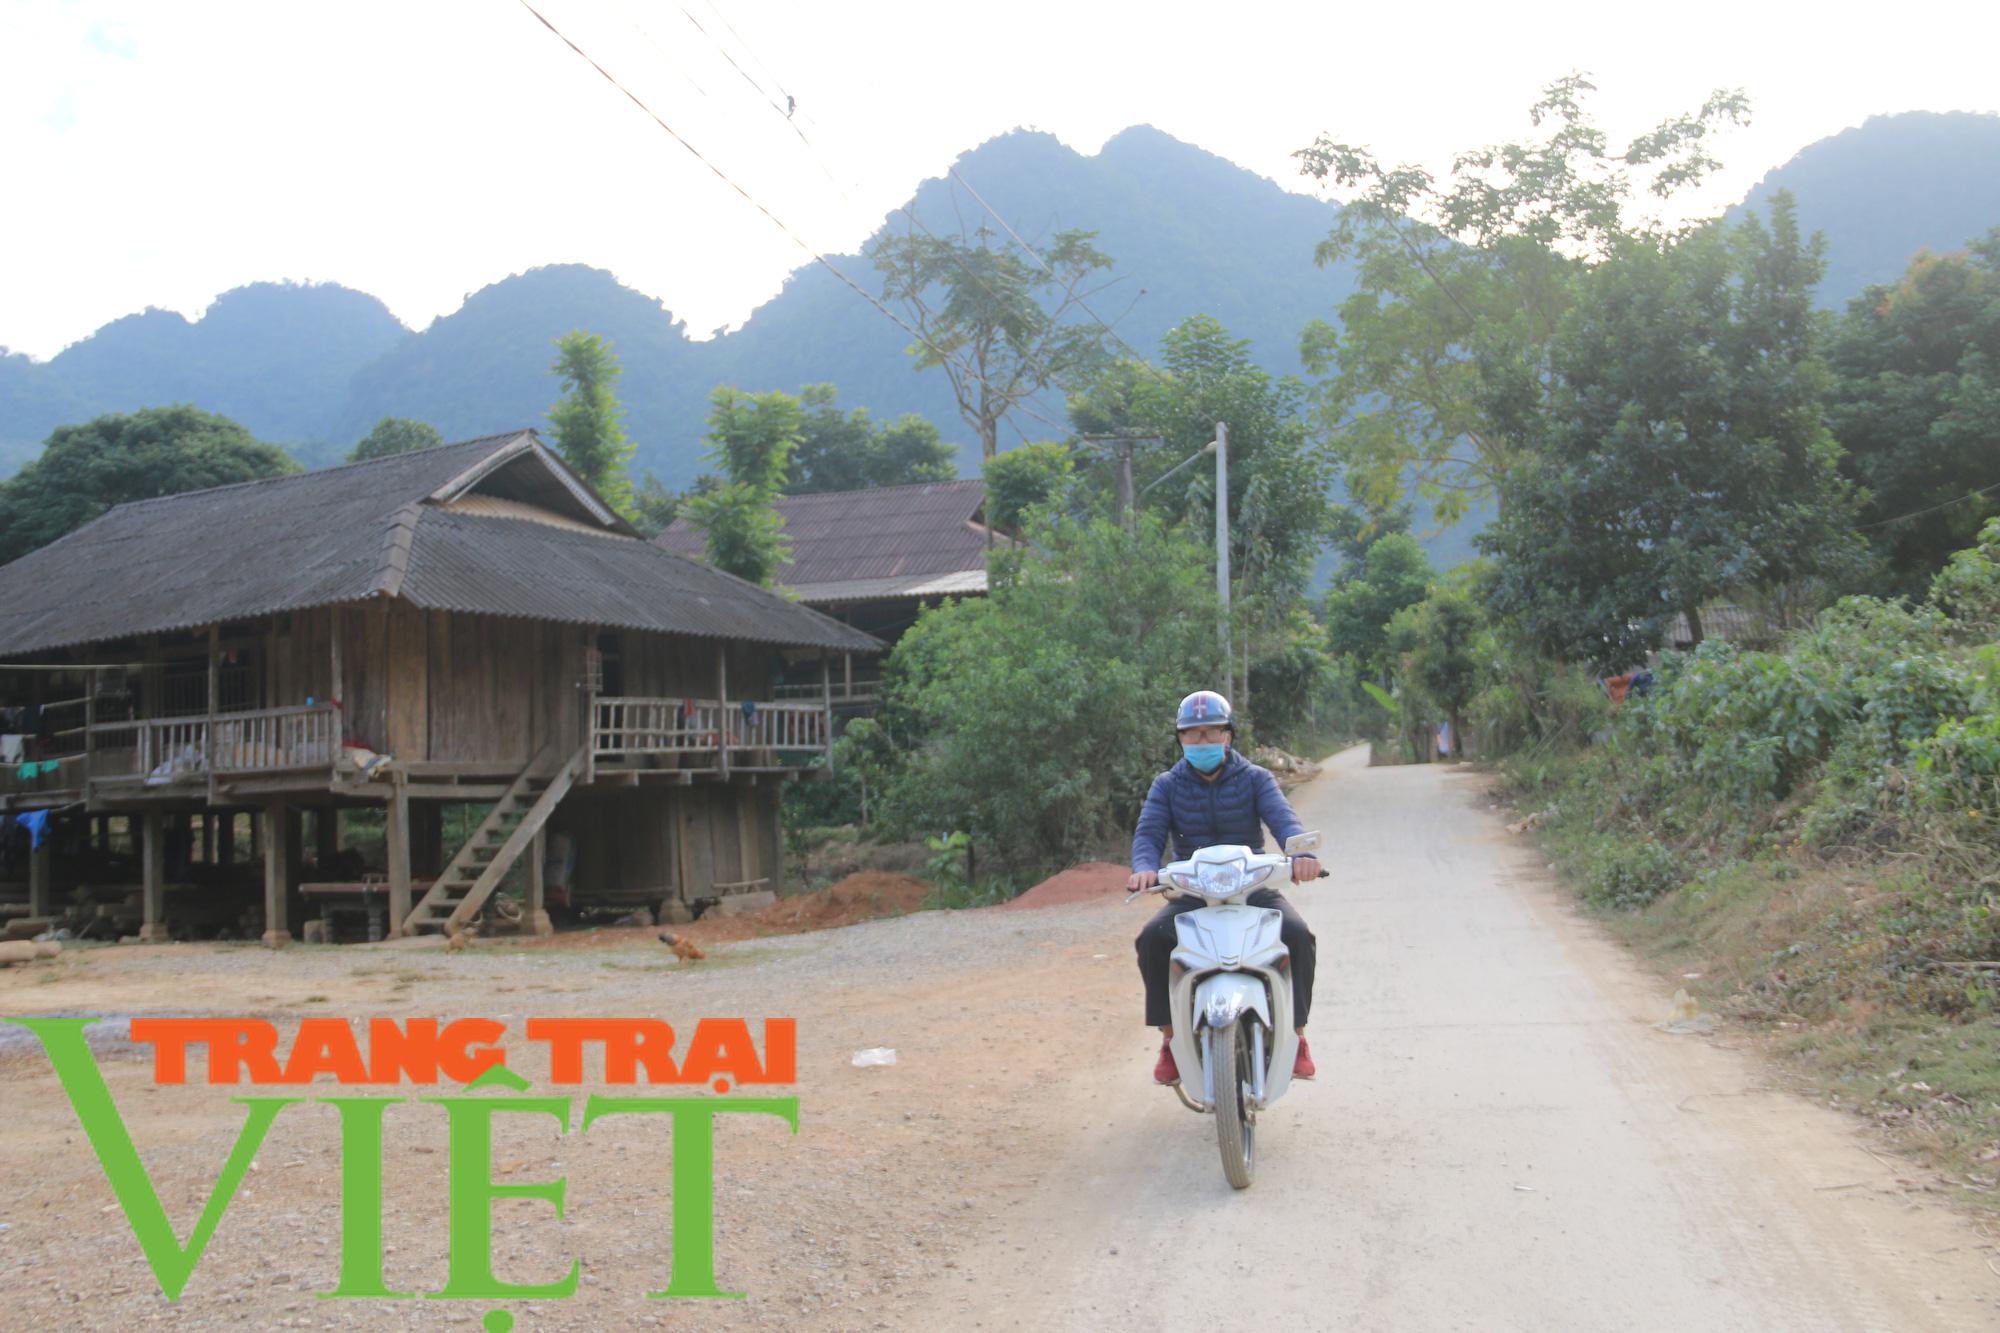 Quỳnh Nhai: Niềm vui trên những con đường nông thôn mới - Ảnh 5.